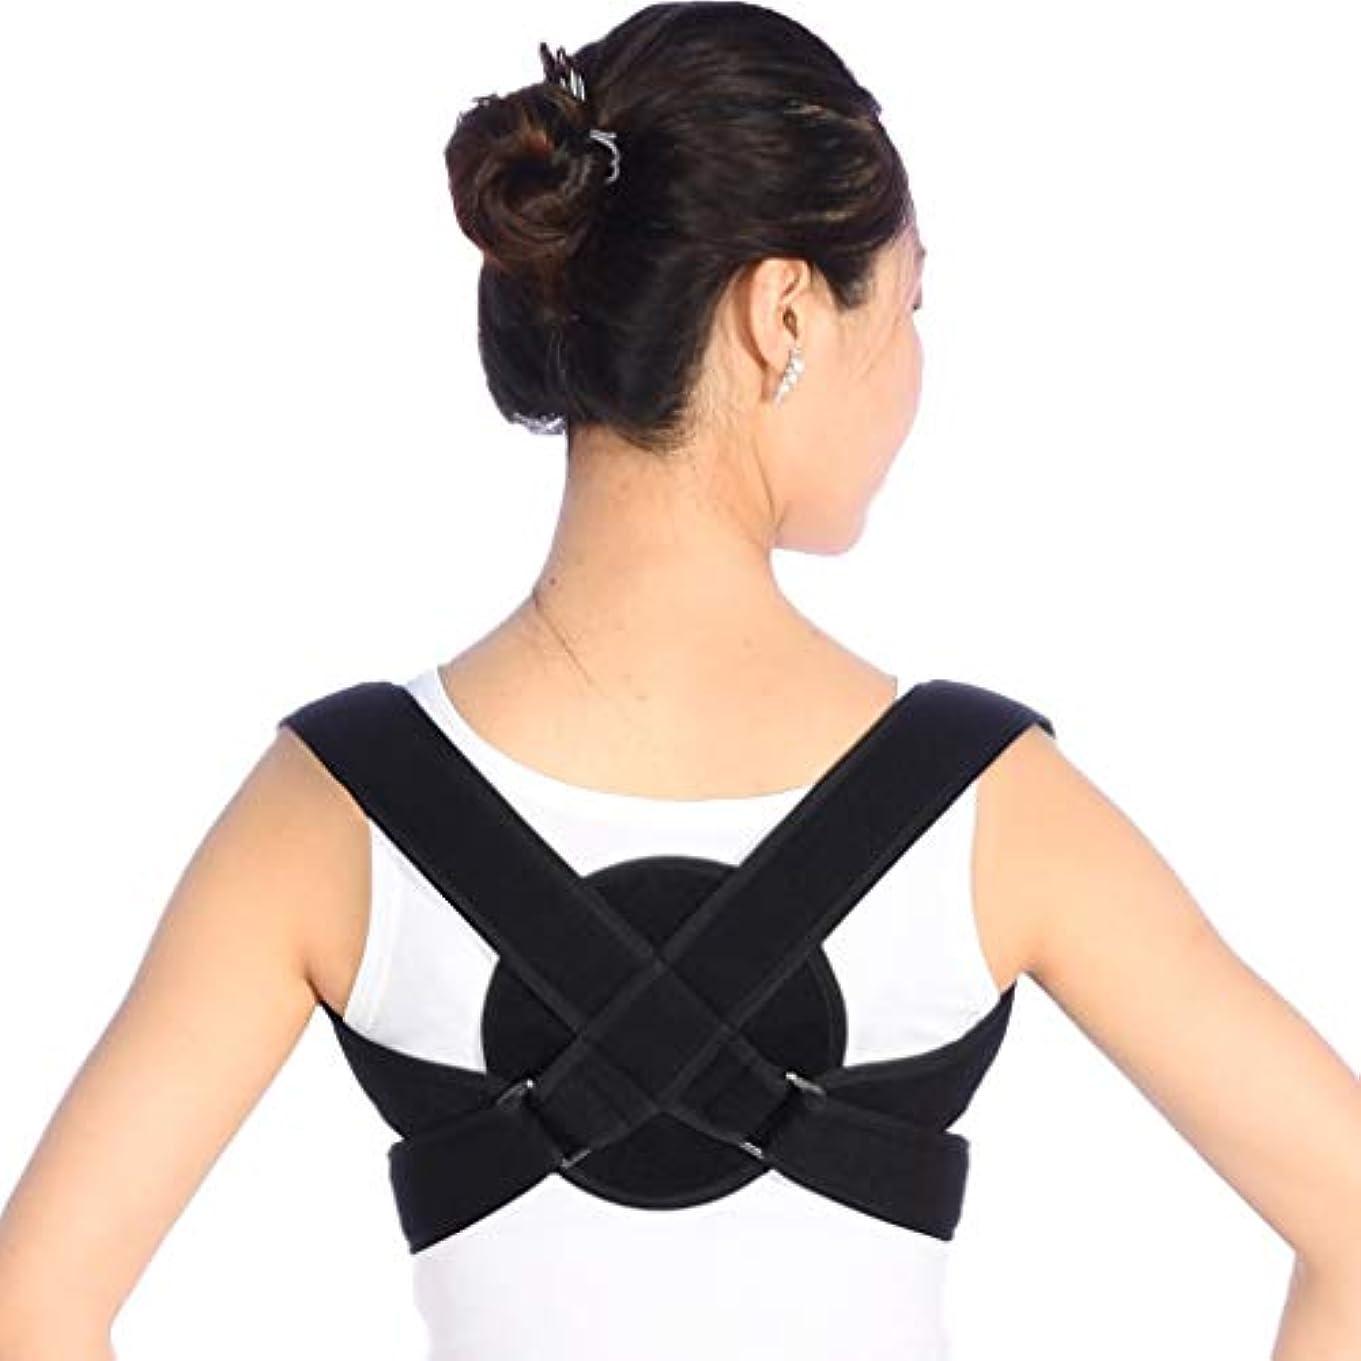 背もたれブレース - アンチハンプバック用、成人用一般化脊椎矯正ベルト